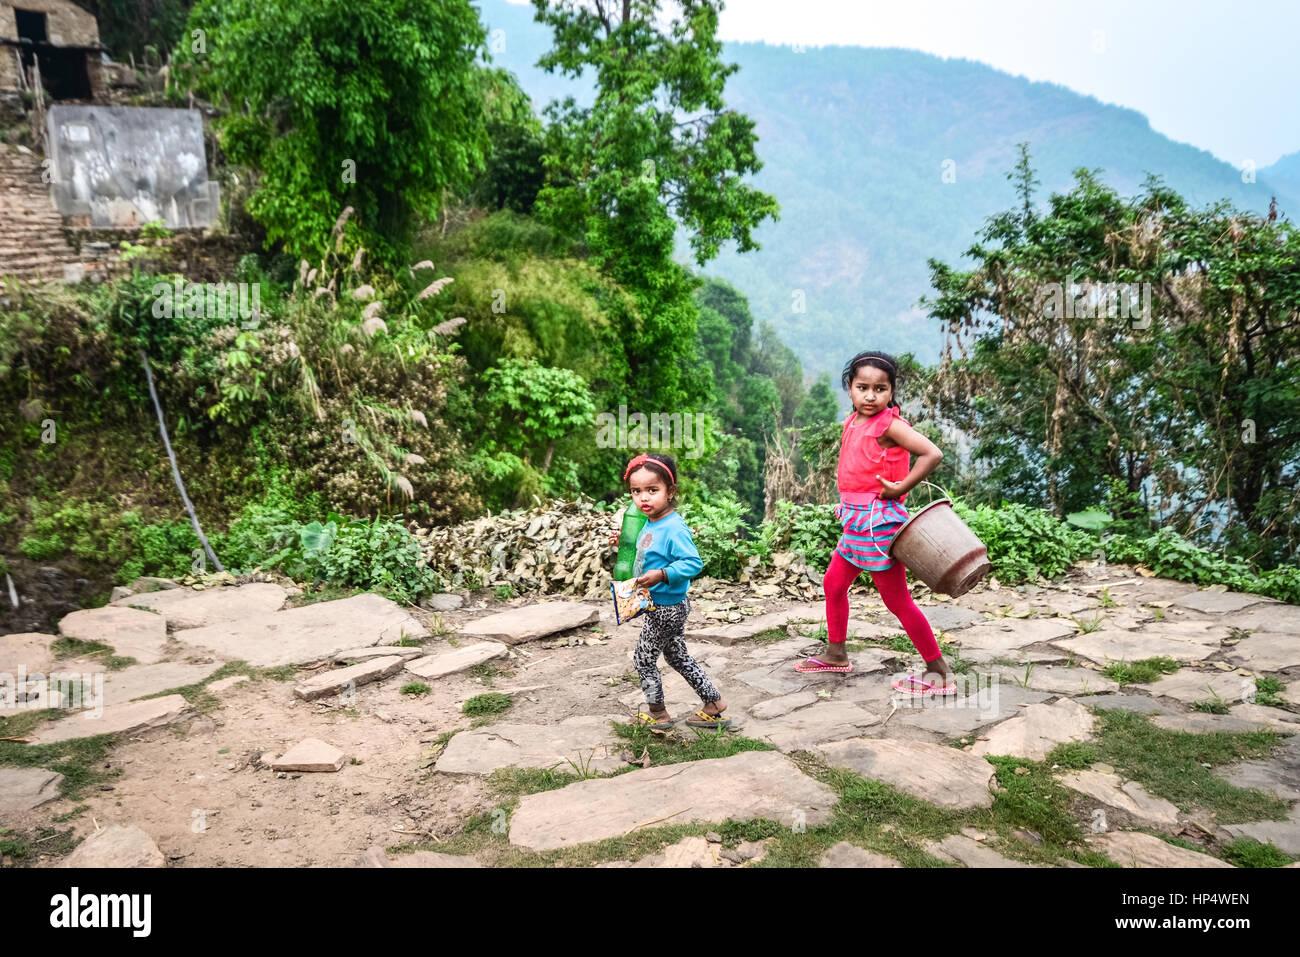 Niñas nepalesas ir a la fuente para tomar agua en Damdame Village, distrito de Kaski, Gandaki, Nepal occidental. Imagen De Stock